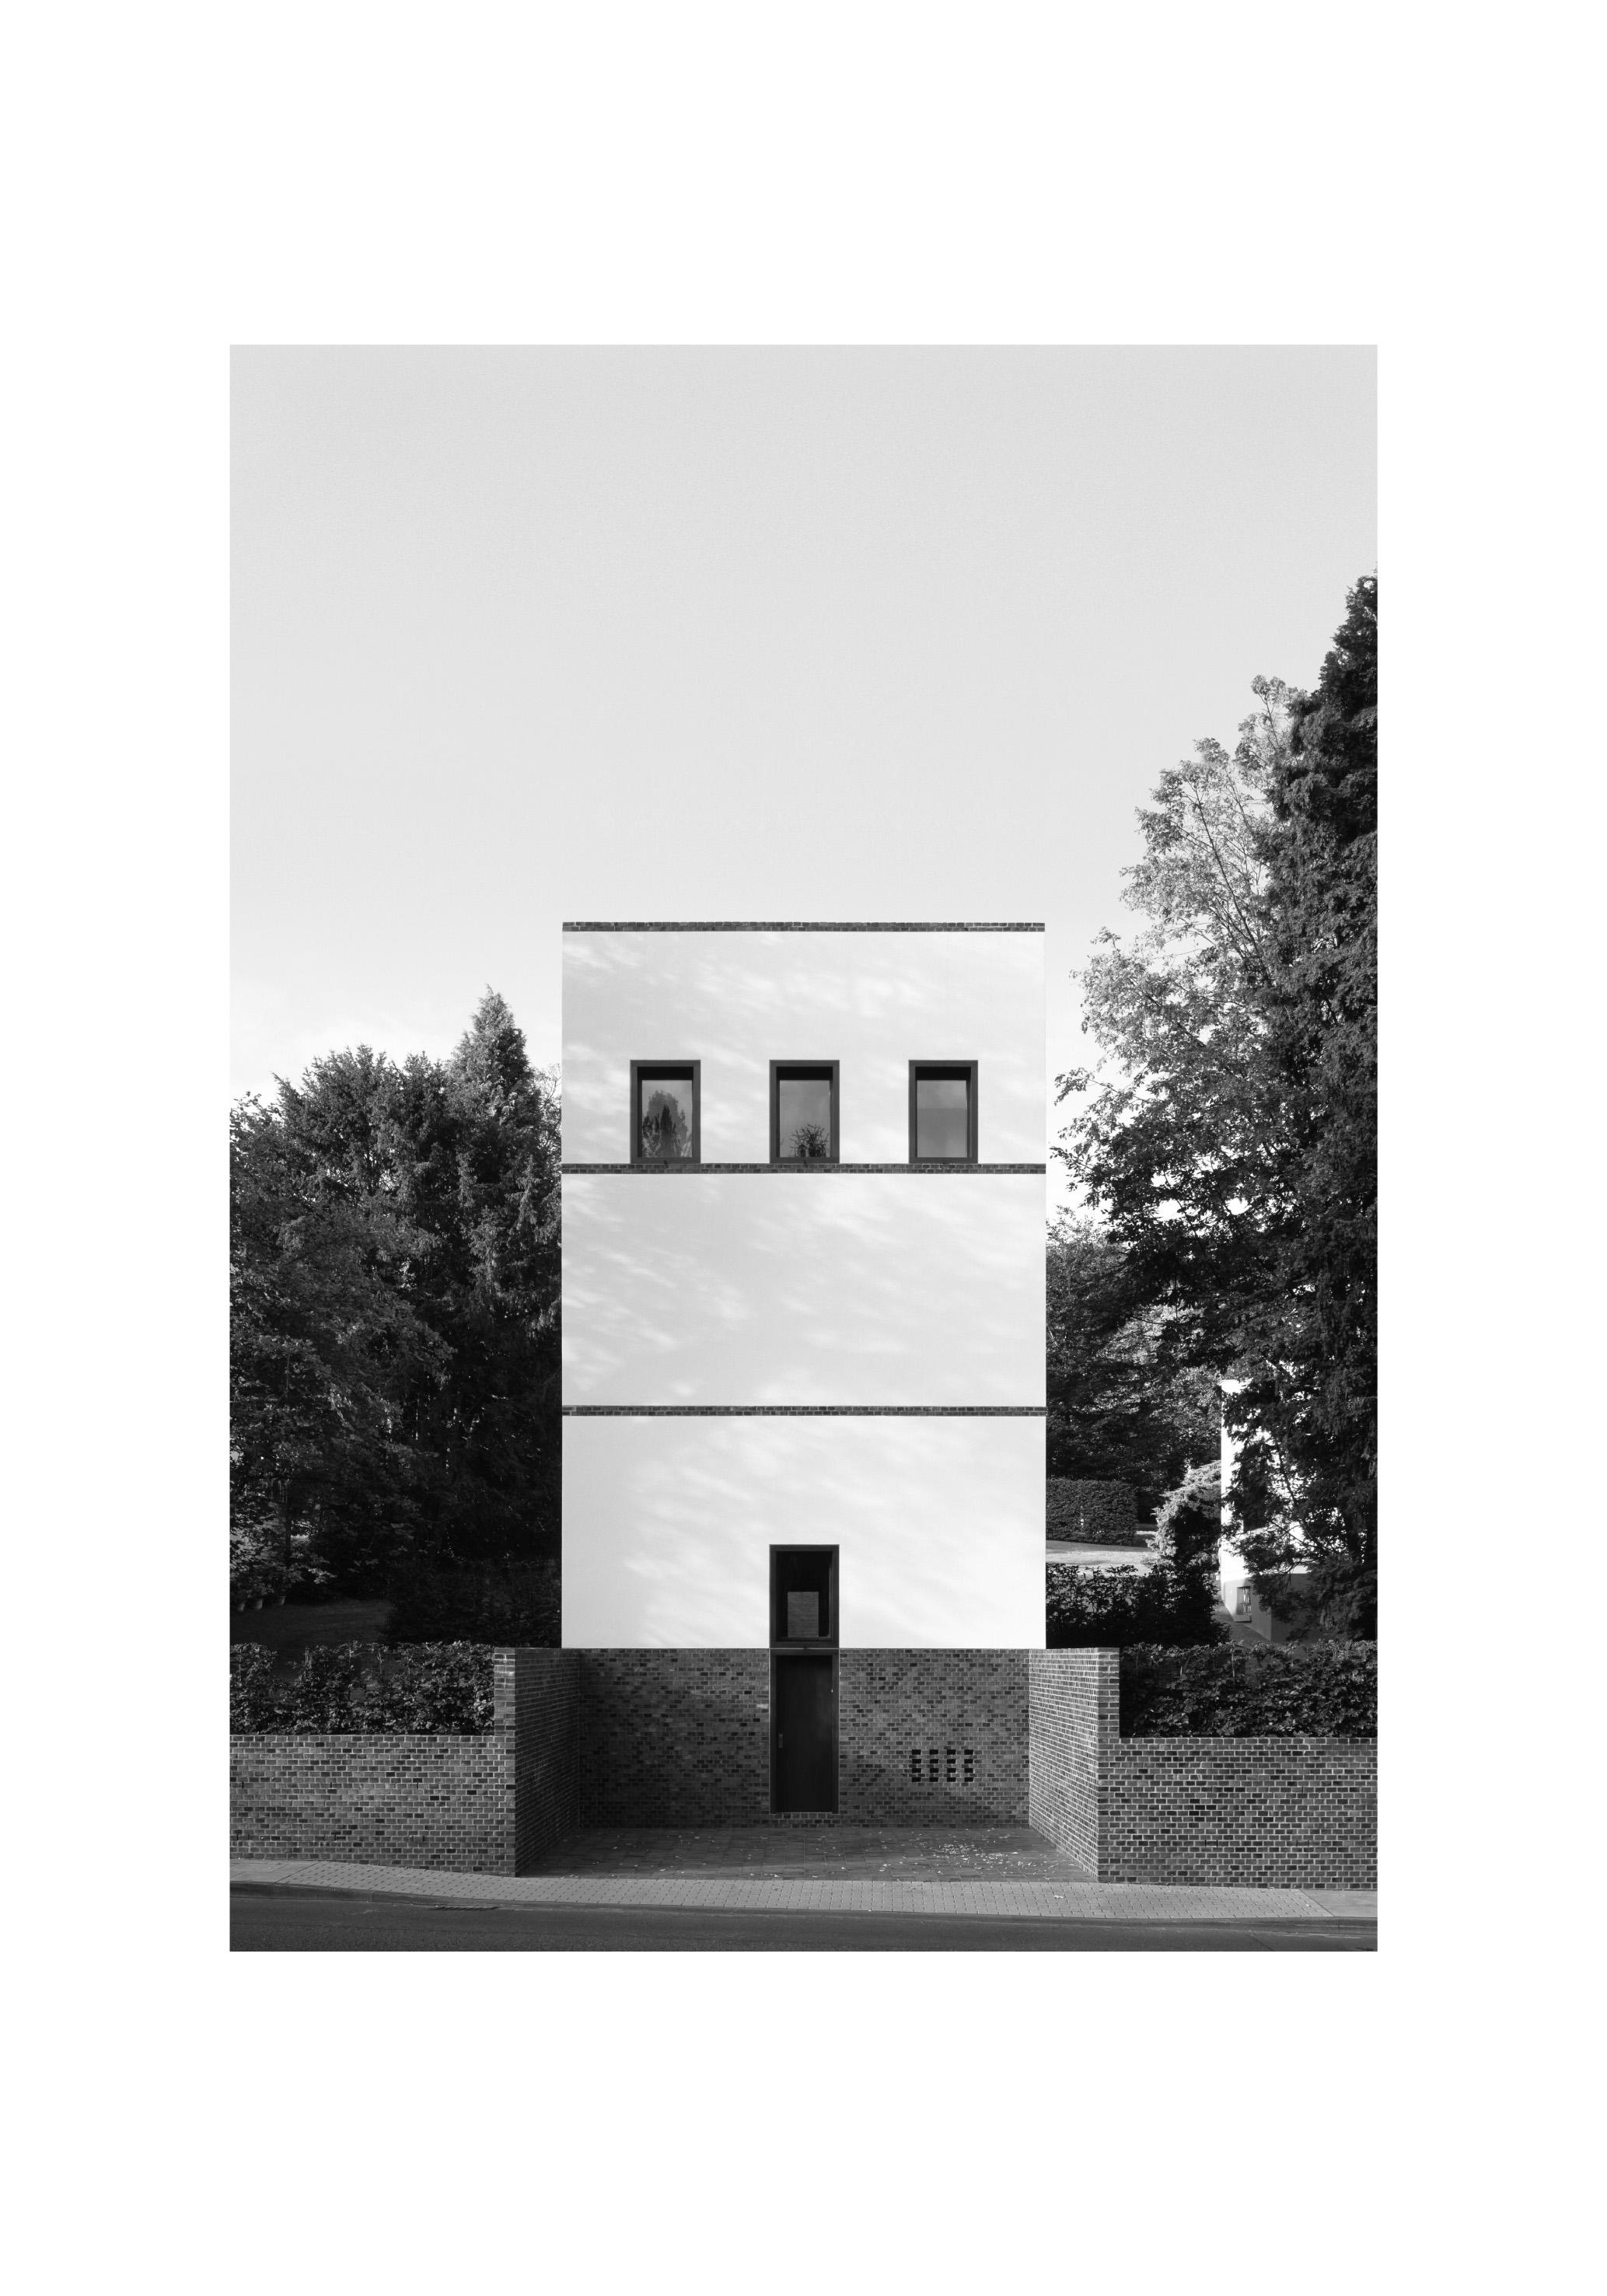 Architekt Bonn usarch dortmunder architekturausstellung no 12 stadtbaukunst